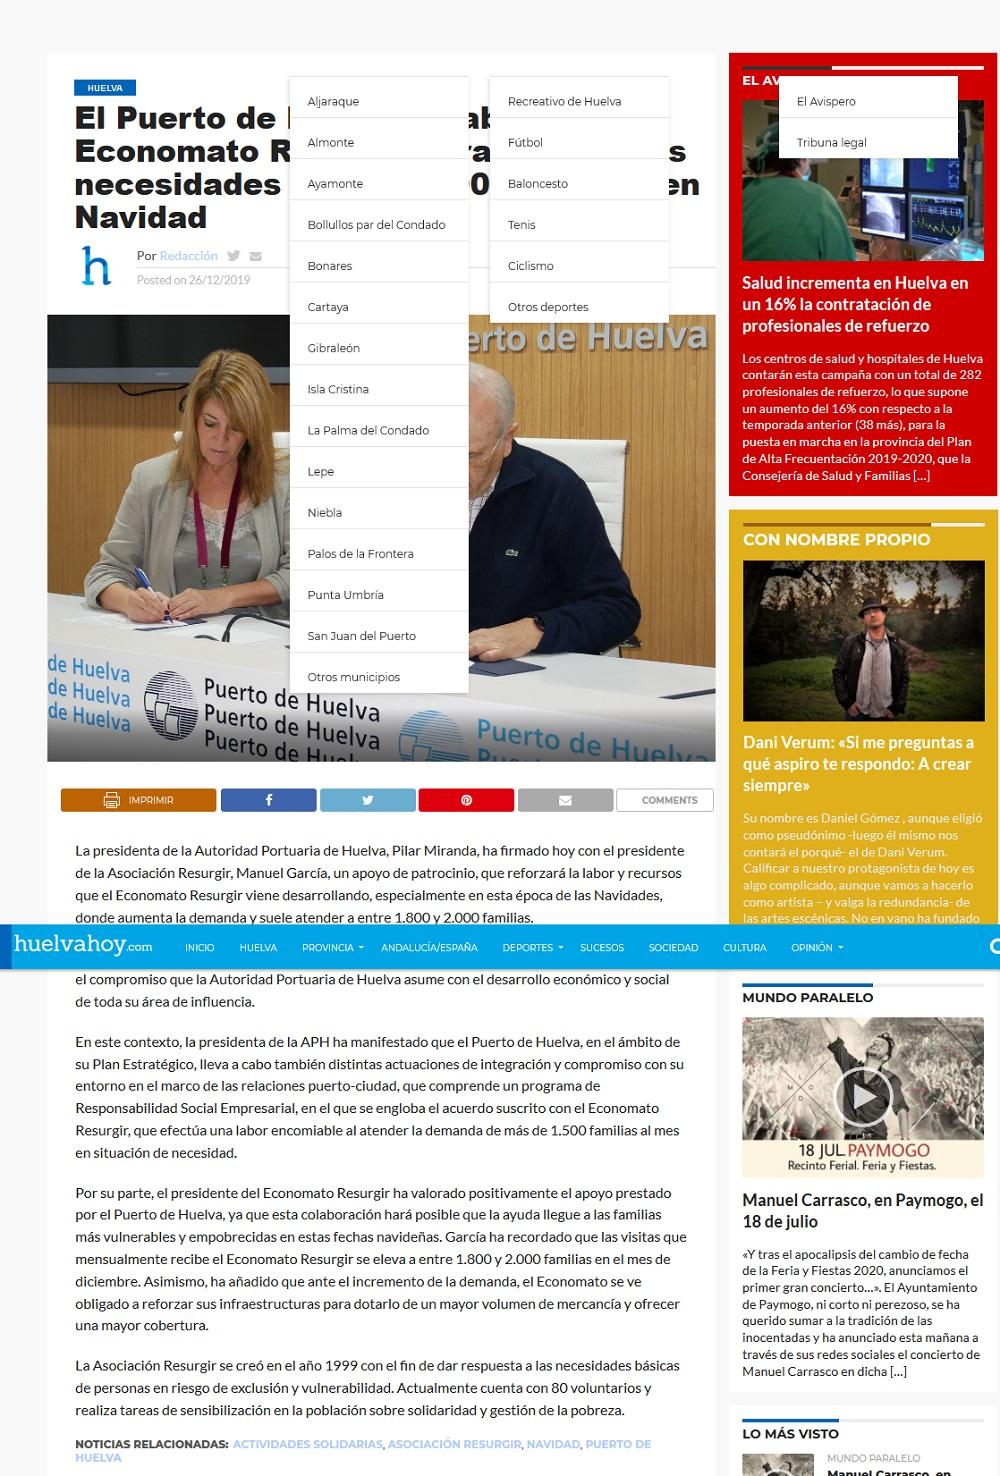 El Puerto de Huelva colabora con el Economato Resurgir para atender las necesidades de casi 2 000 fam[...]